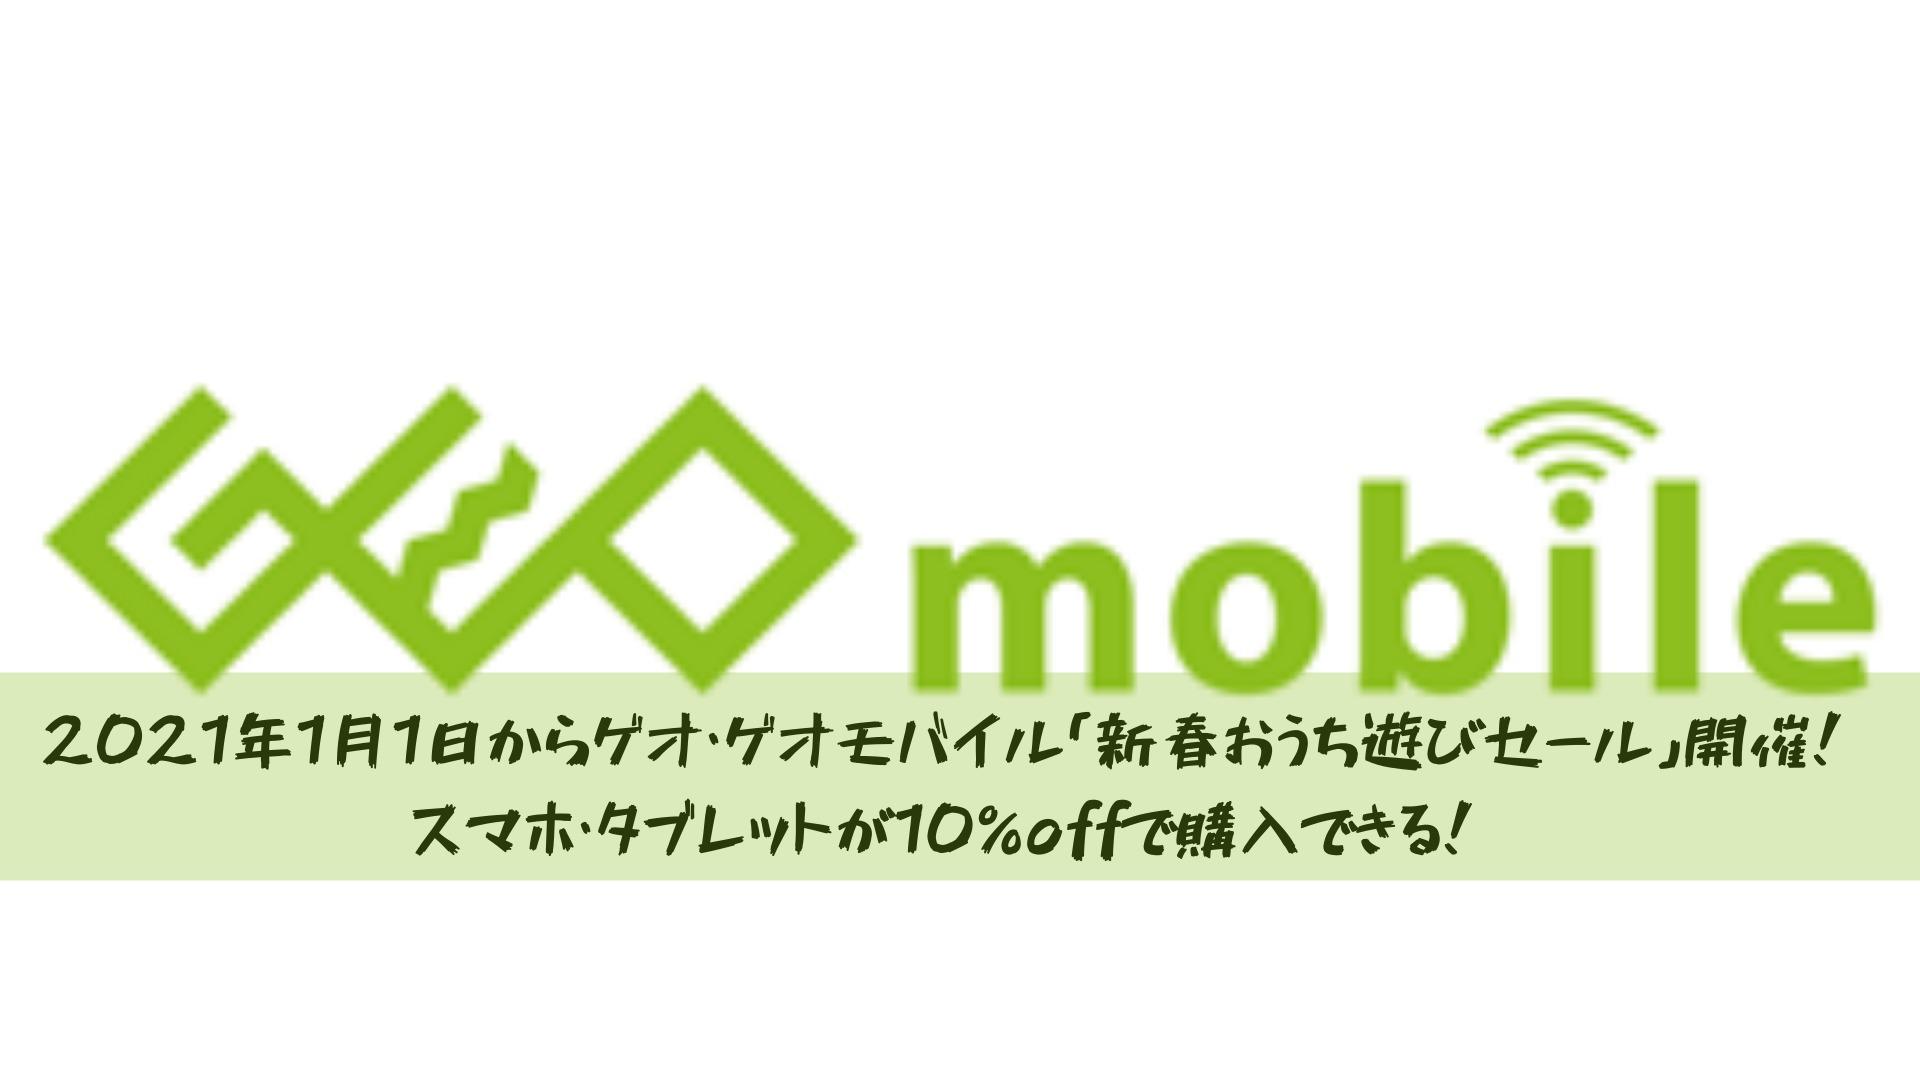 2021年1月1日からゲオ・ゲオモバイル「新春おうち遊びセール」開催!スマホ・タブレットが10%offで購入できる!